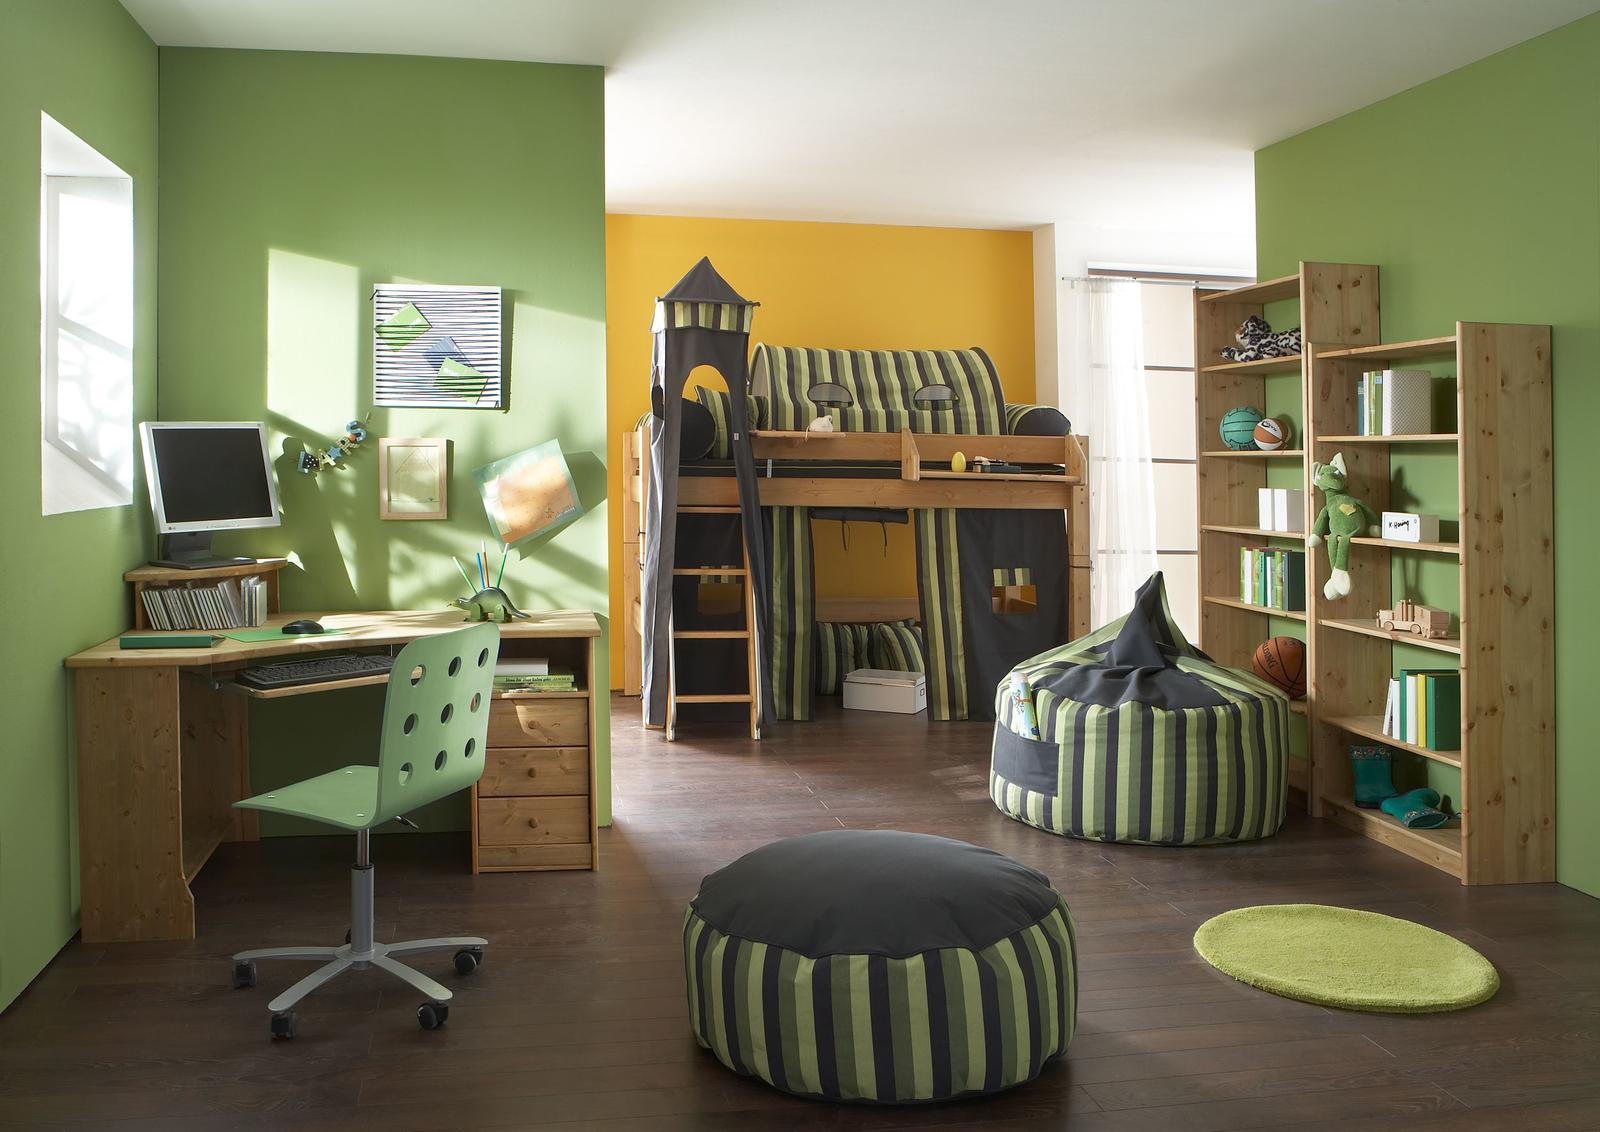 Full Size of Günstige Kinderzimmer Hochbett Forest Aus Massivholz Von Dolphin Gnstig Betten 140x200 Regale Regal Weiß Sofa Schlafzimmer Günstiges Komplett Küche Mit E Kinderzimmer Günstige Kinderzimmer